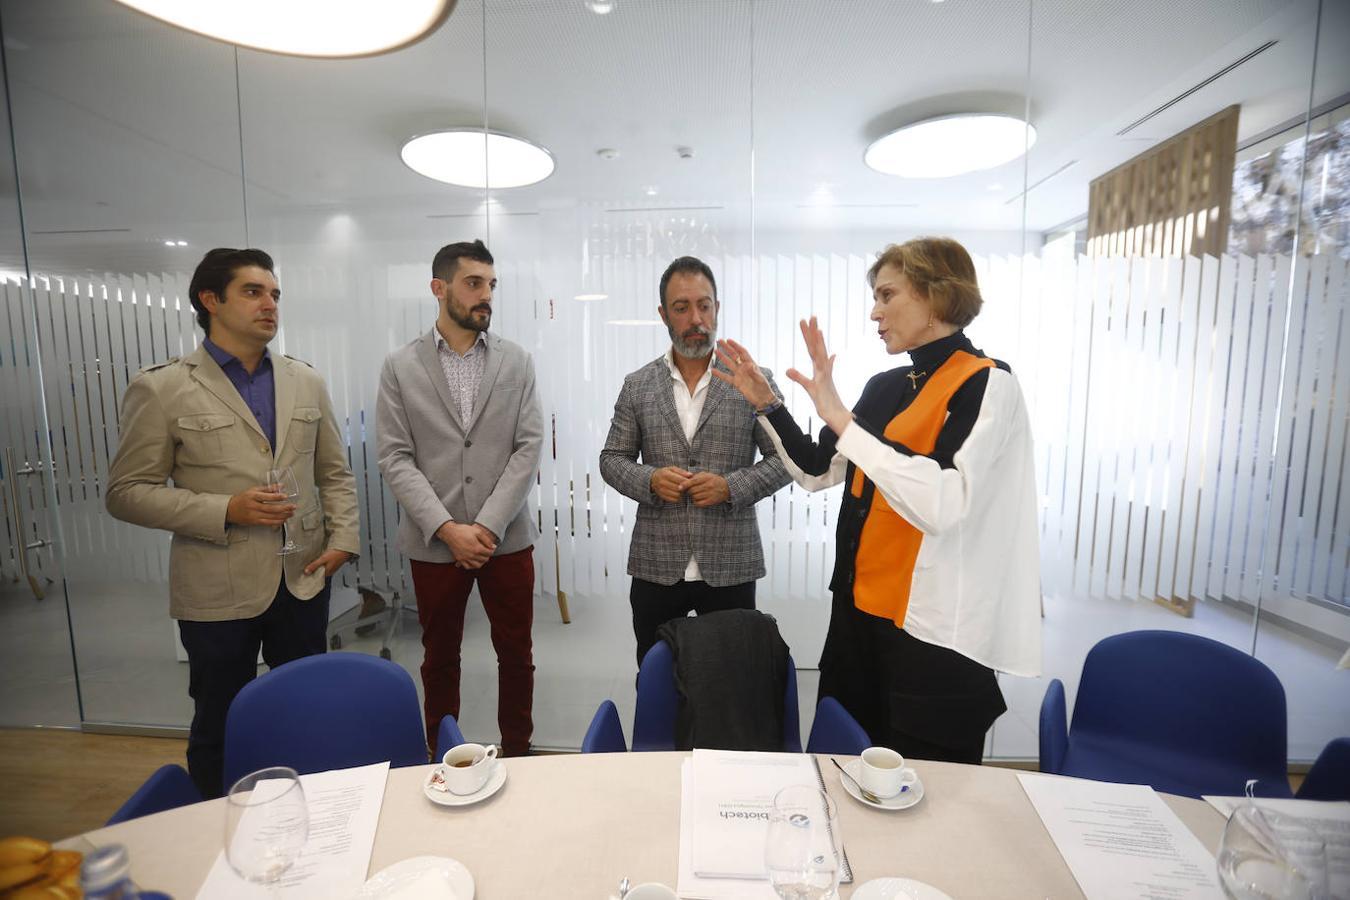 La experta en transformación digital de BBVA y los directivos de las firmas de Córdoba que participaron en el foro - M. A.